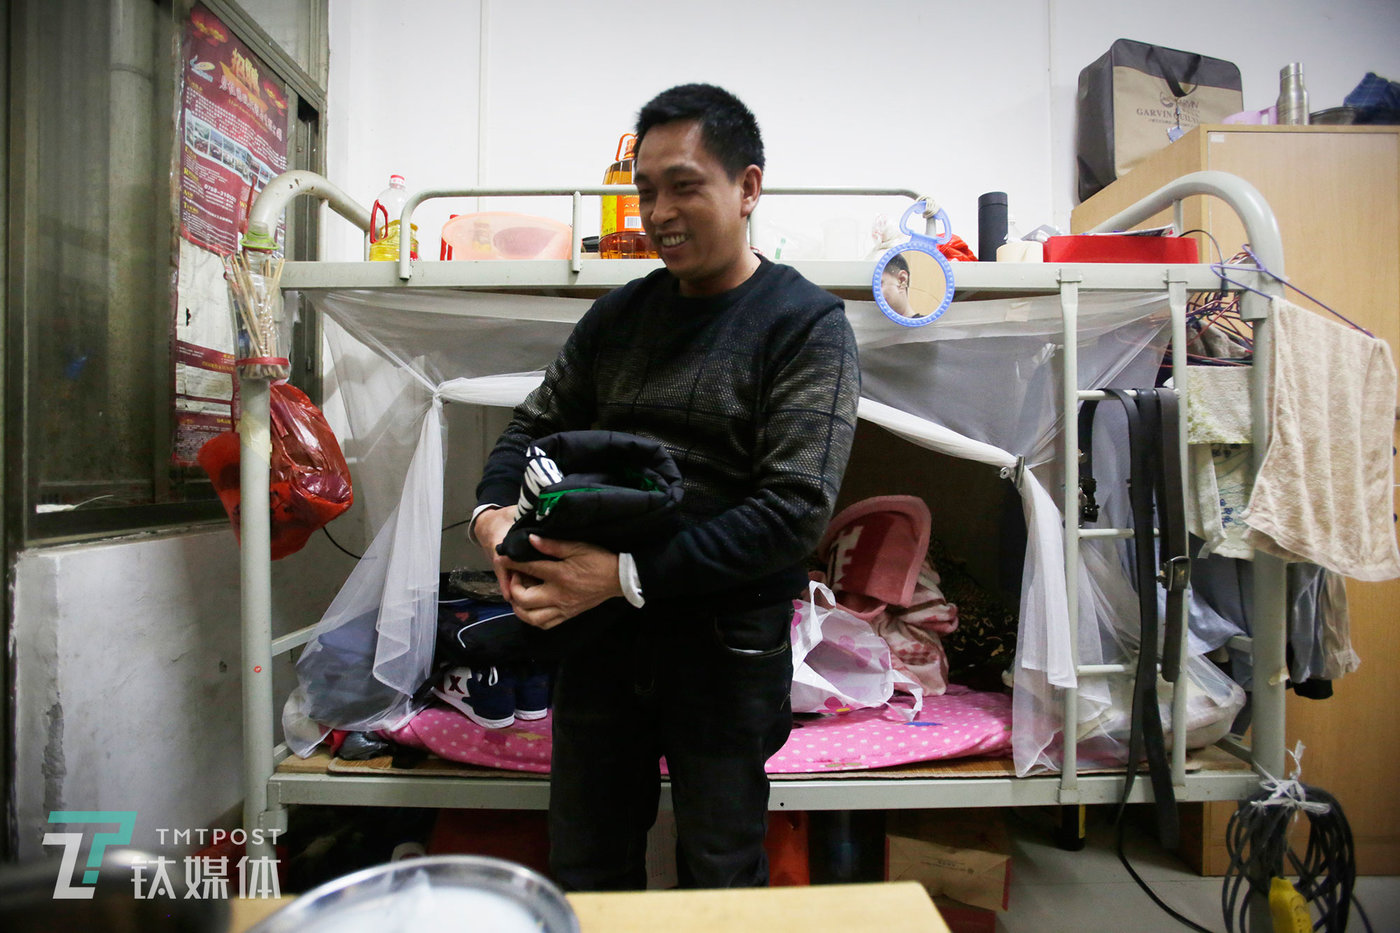 """出发前两天,苏宏杰就开始整理行李,他给儿子买了件羽绒服,给除夕夜的团年饭买了一份海鲜火锅,他觉得孩子肯定会喜欢这件新衣服。""""小孩平时都住校,只有周末回家才能跟我视频通话,他已经放寒假了,一直问我什么时候回去。""""苏宏杰对钛媒体《在线》说,他很想儿子。"""